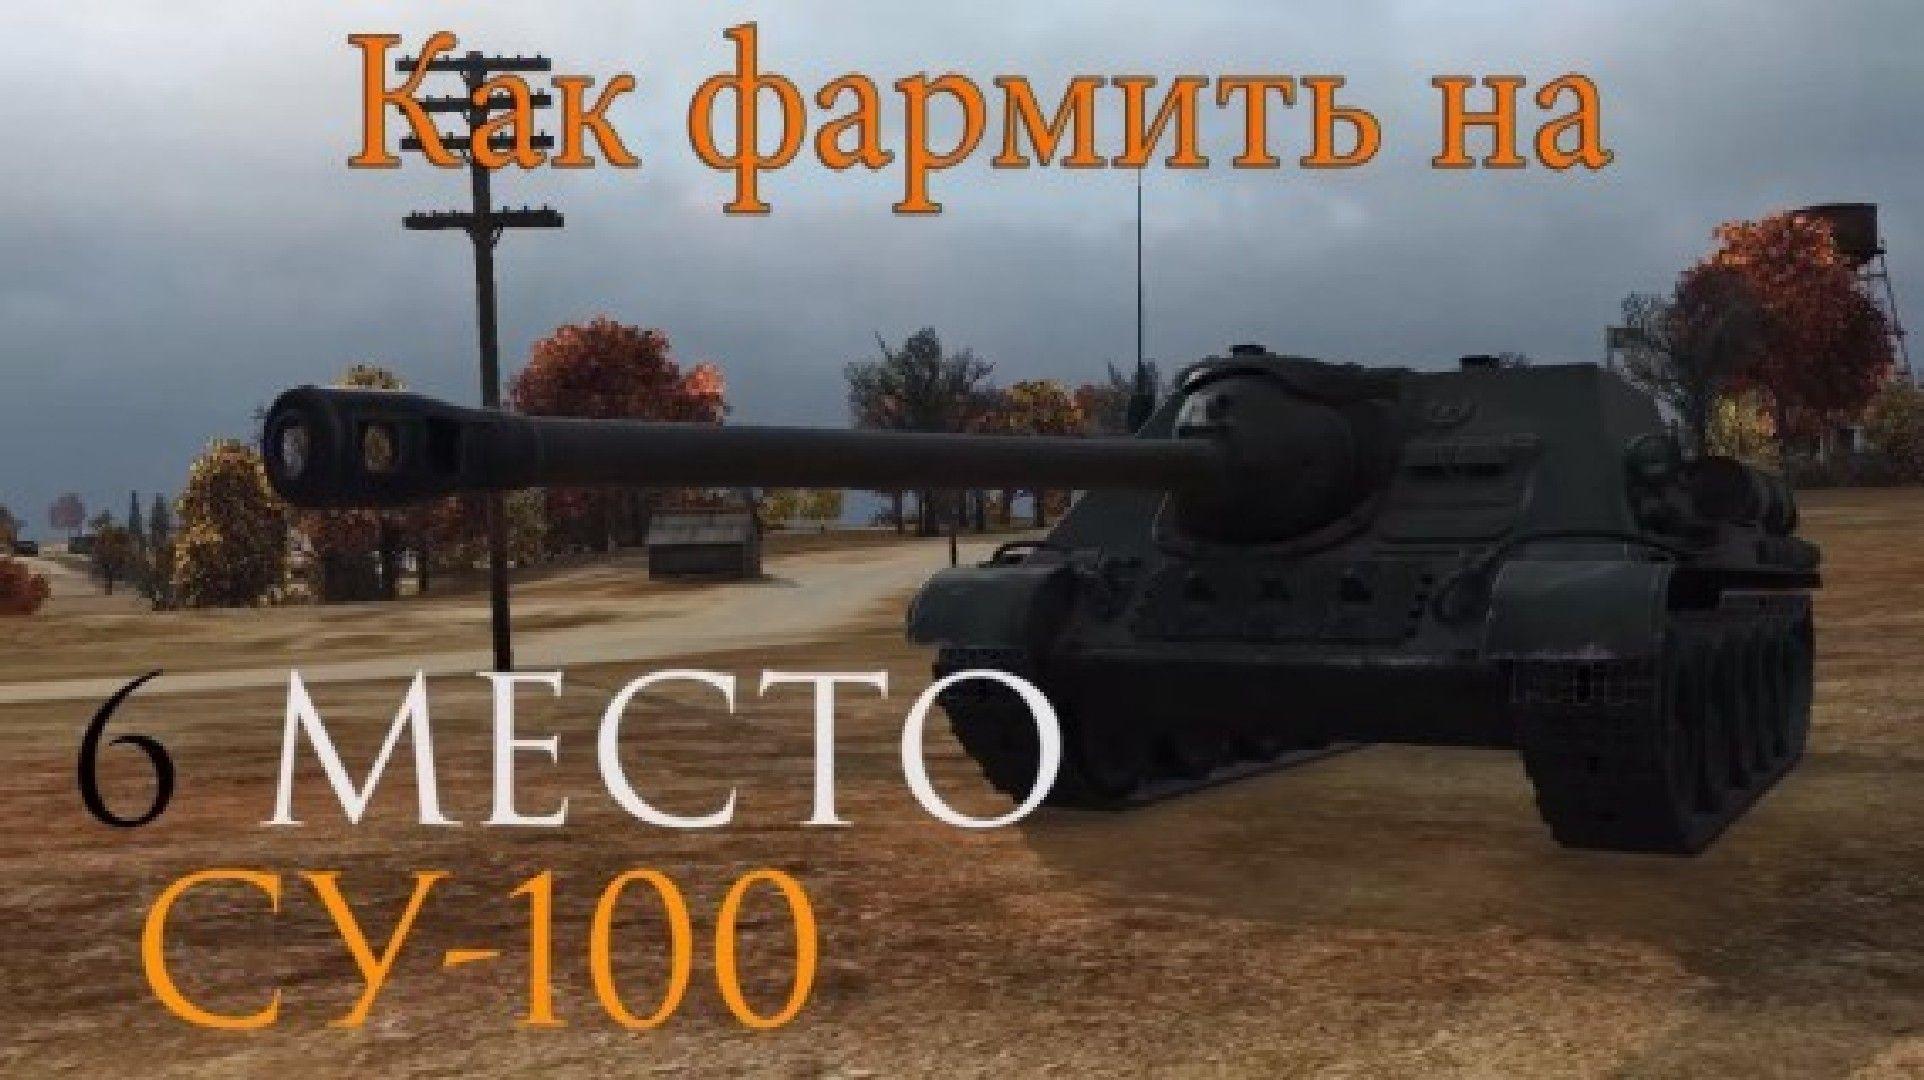 Как фармить на СУ-100